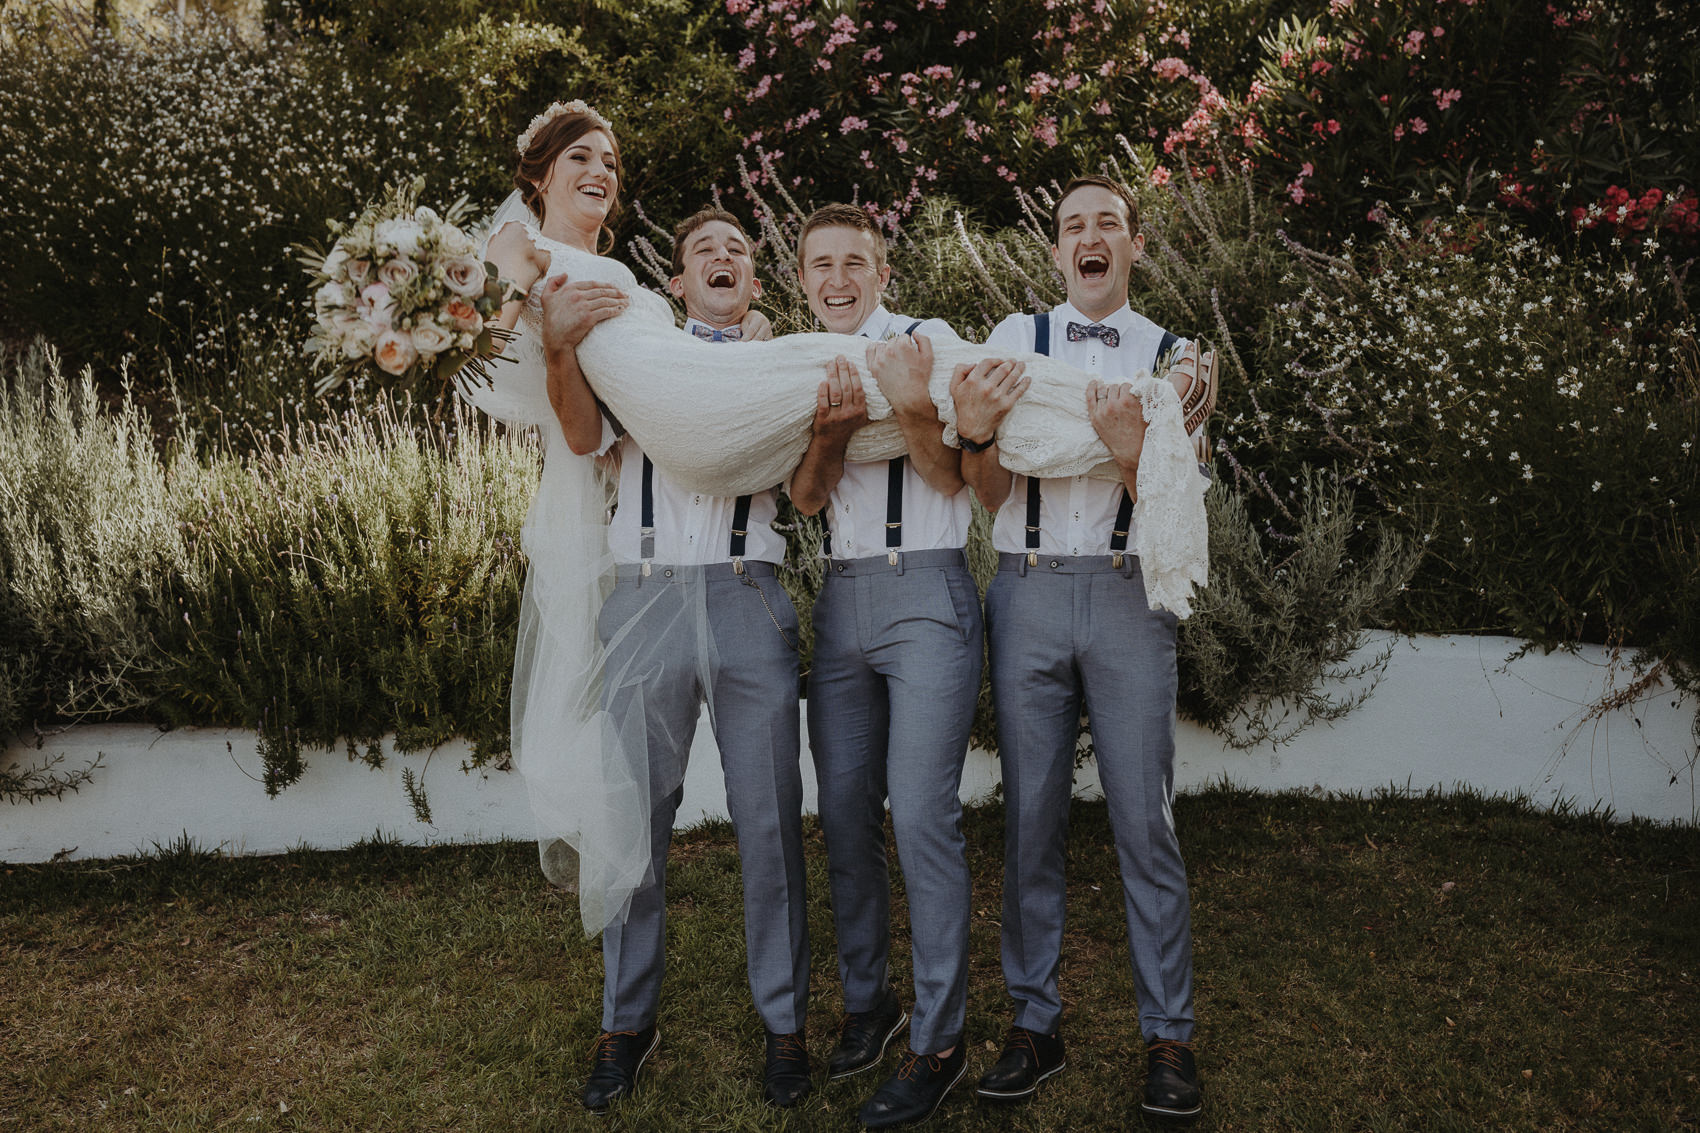 Sarah & Bill | Summer wedding at Cortijo Rosa Blanca | Marbella - Spain 104